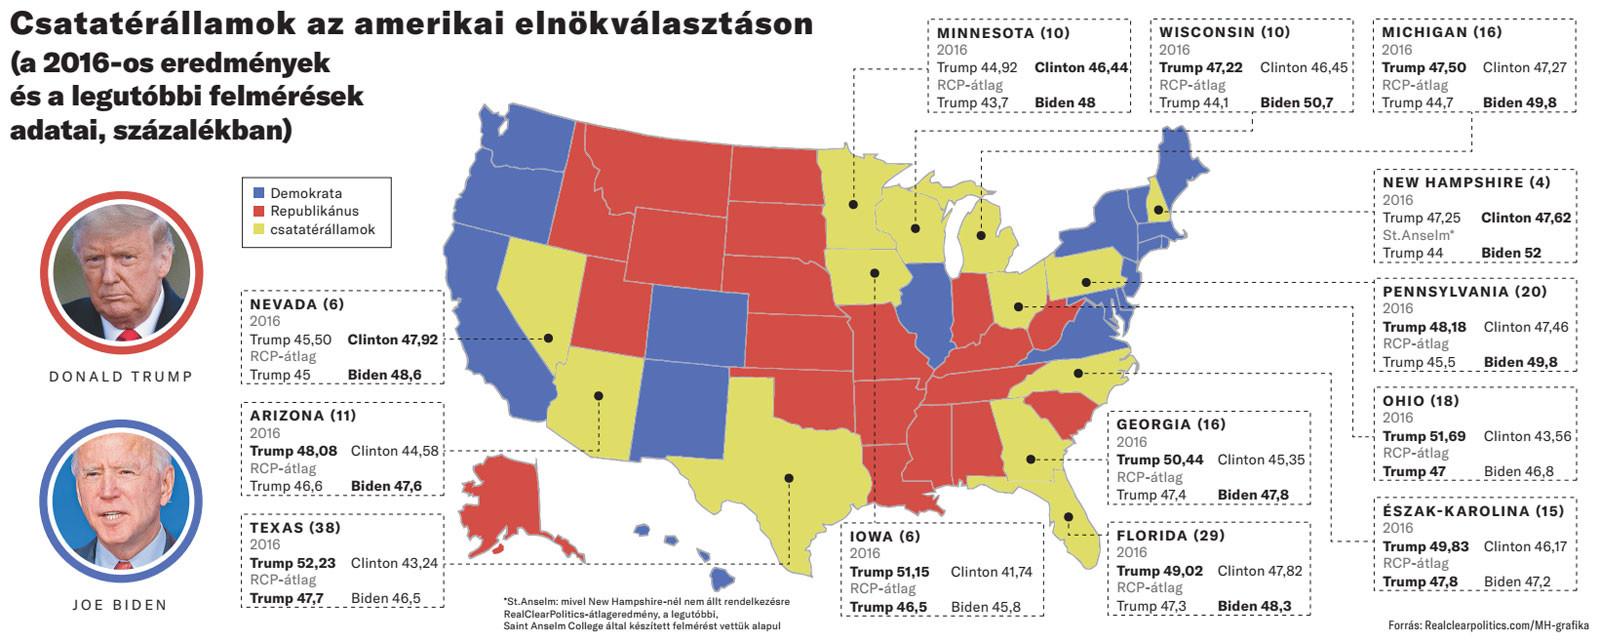 Csatatérállamok az amerikai elnökválasztáson (a 2016-os eredmények és a legutóbbi felmérések adatai, százalékban)